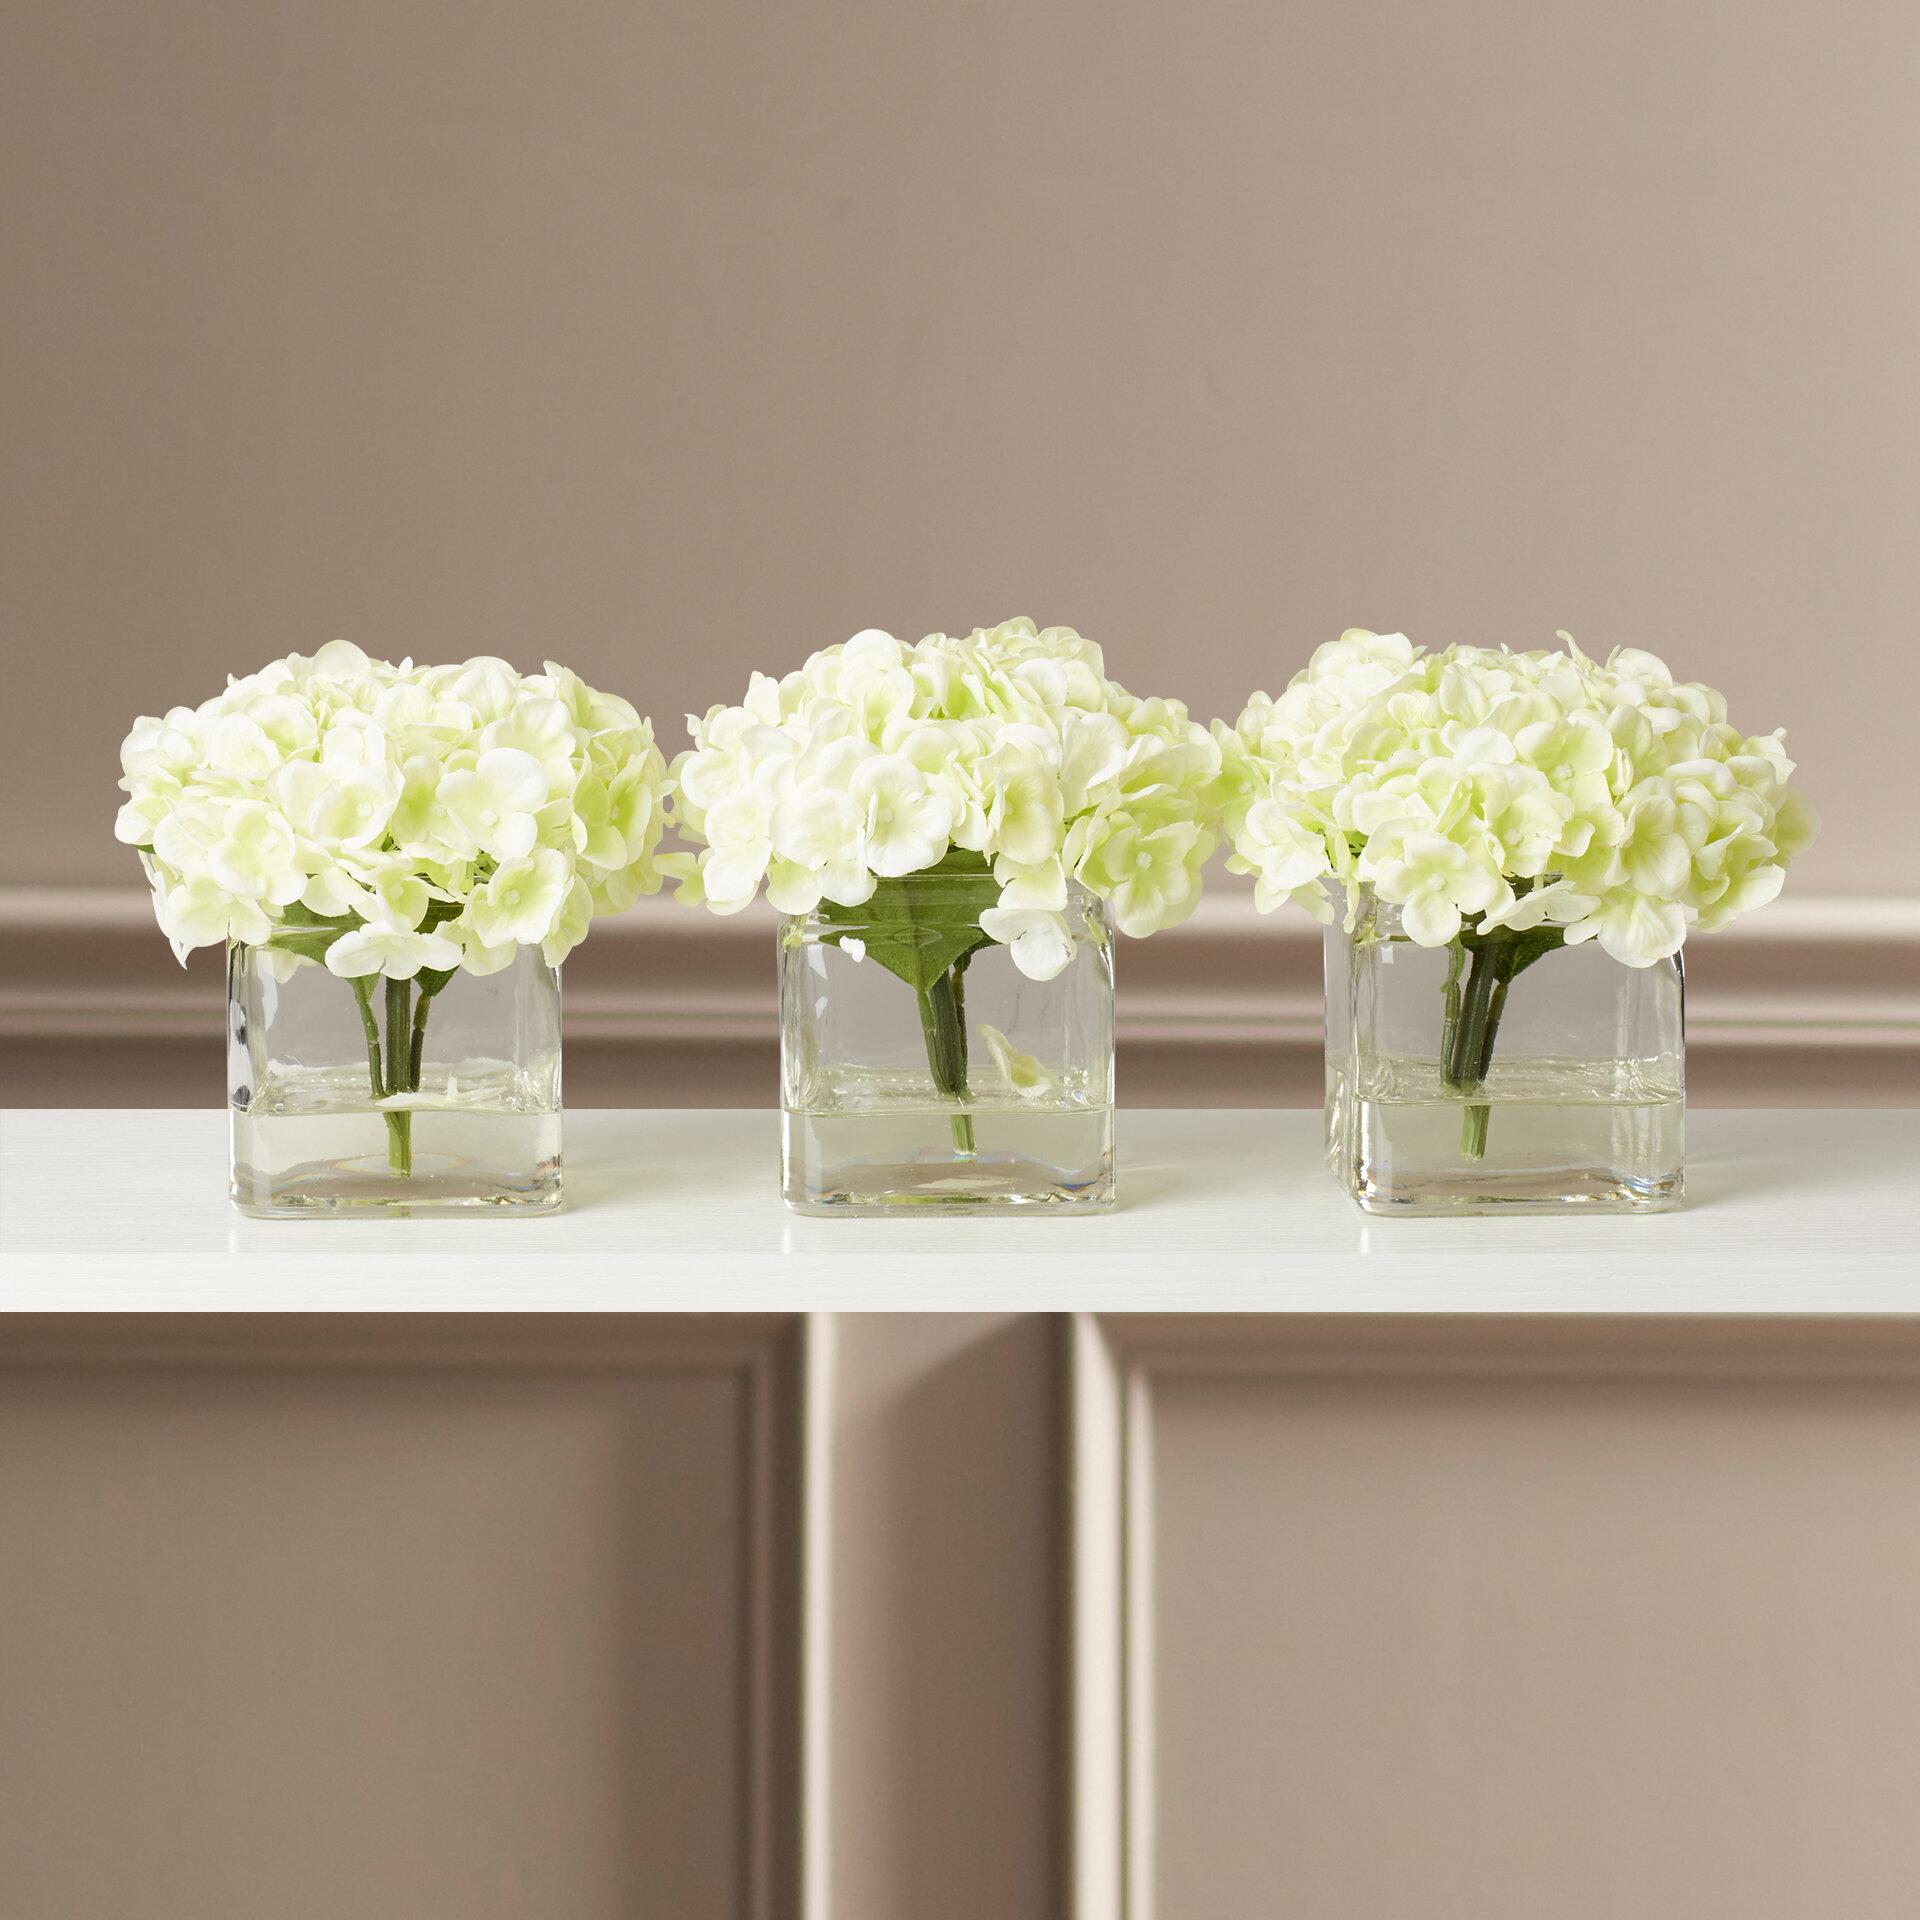 b00e8d88a70f Faux Potted Mini Hydrangea Floral Arrangement in Vase   Reviews ...